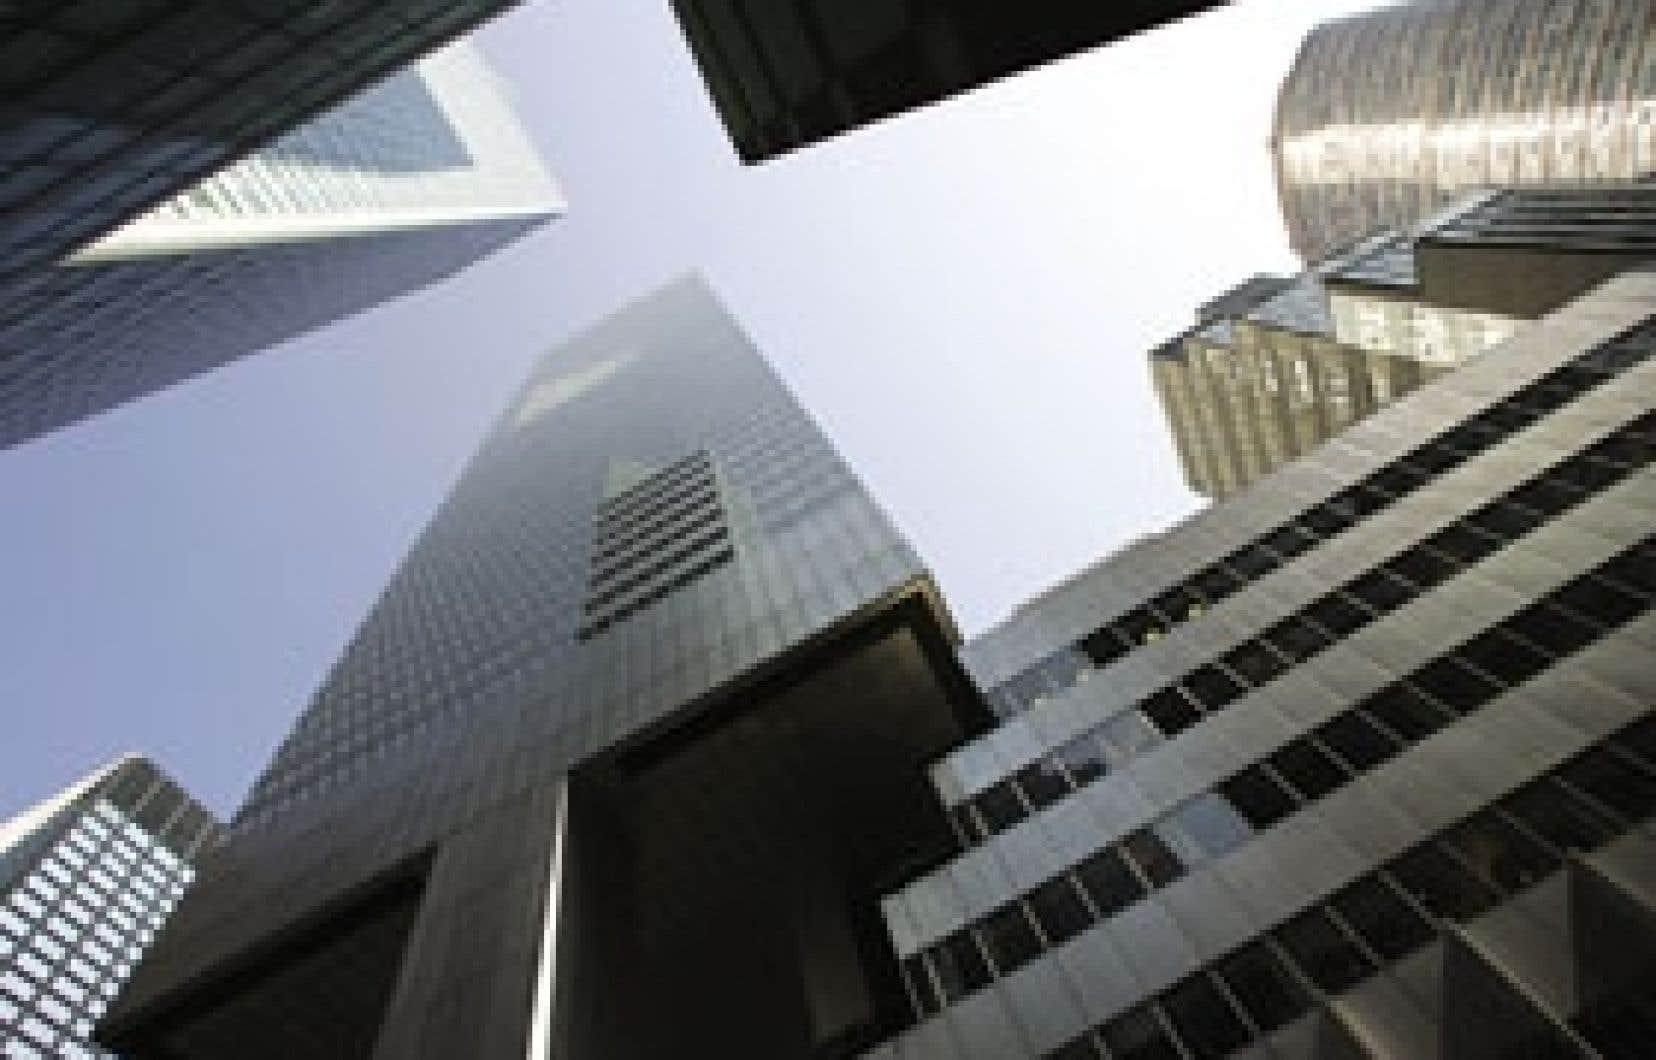 La première banque mondiale a dévoilé hier une réorganisation visant la réduction d'un peu plus de 6 % des effectifs, sur environ 275 000 personnes employées dans une centaine de pays.